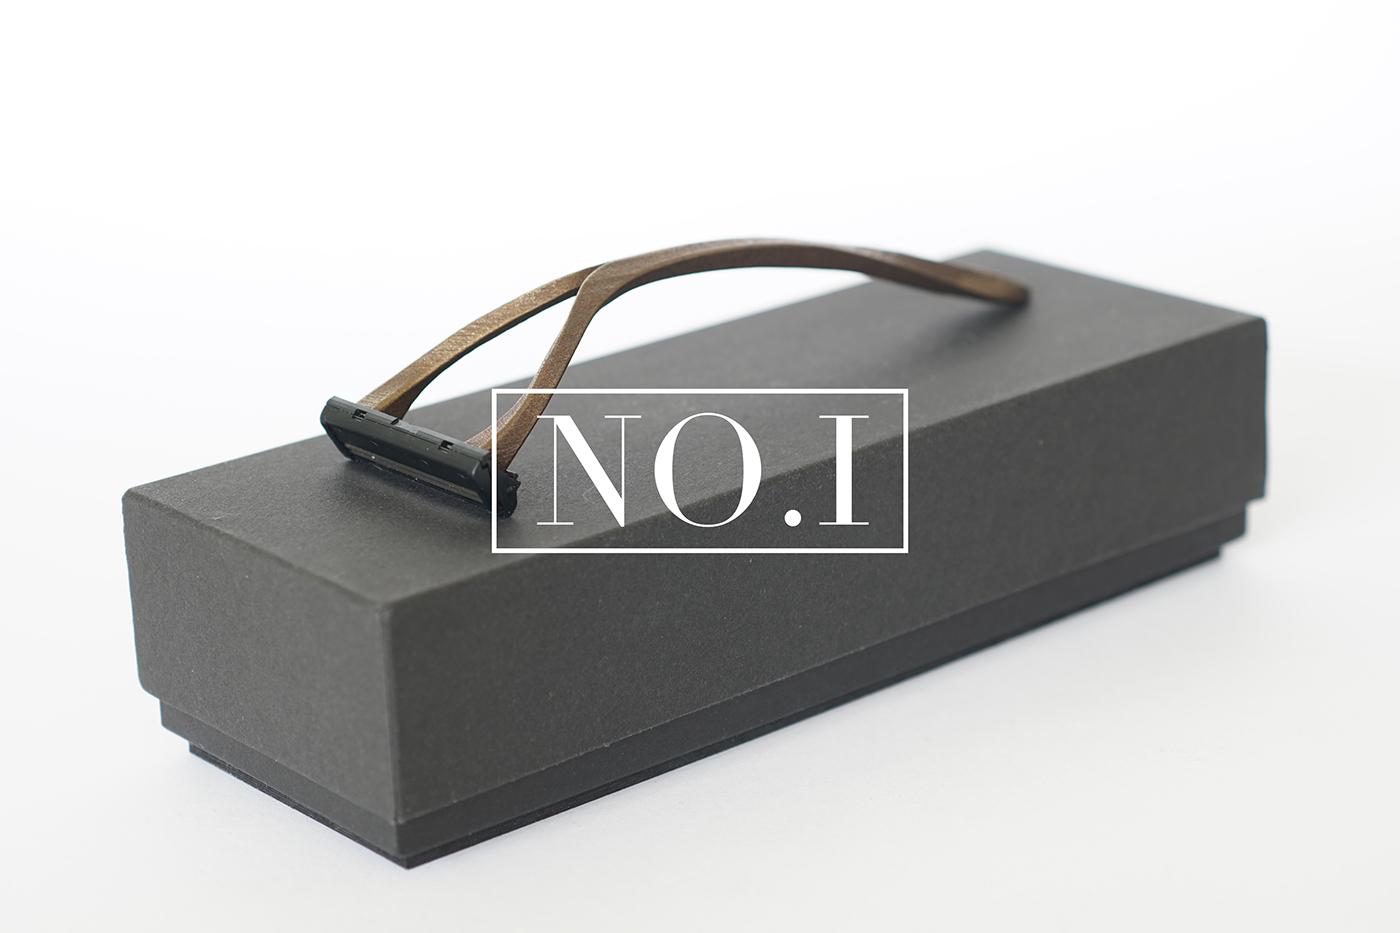 projet tudiant no 1 rasoir pour homme par finn meier blog esprit design. Black Bedroom Furniture Sets. Home Design Ideas